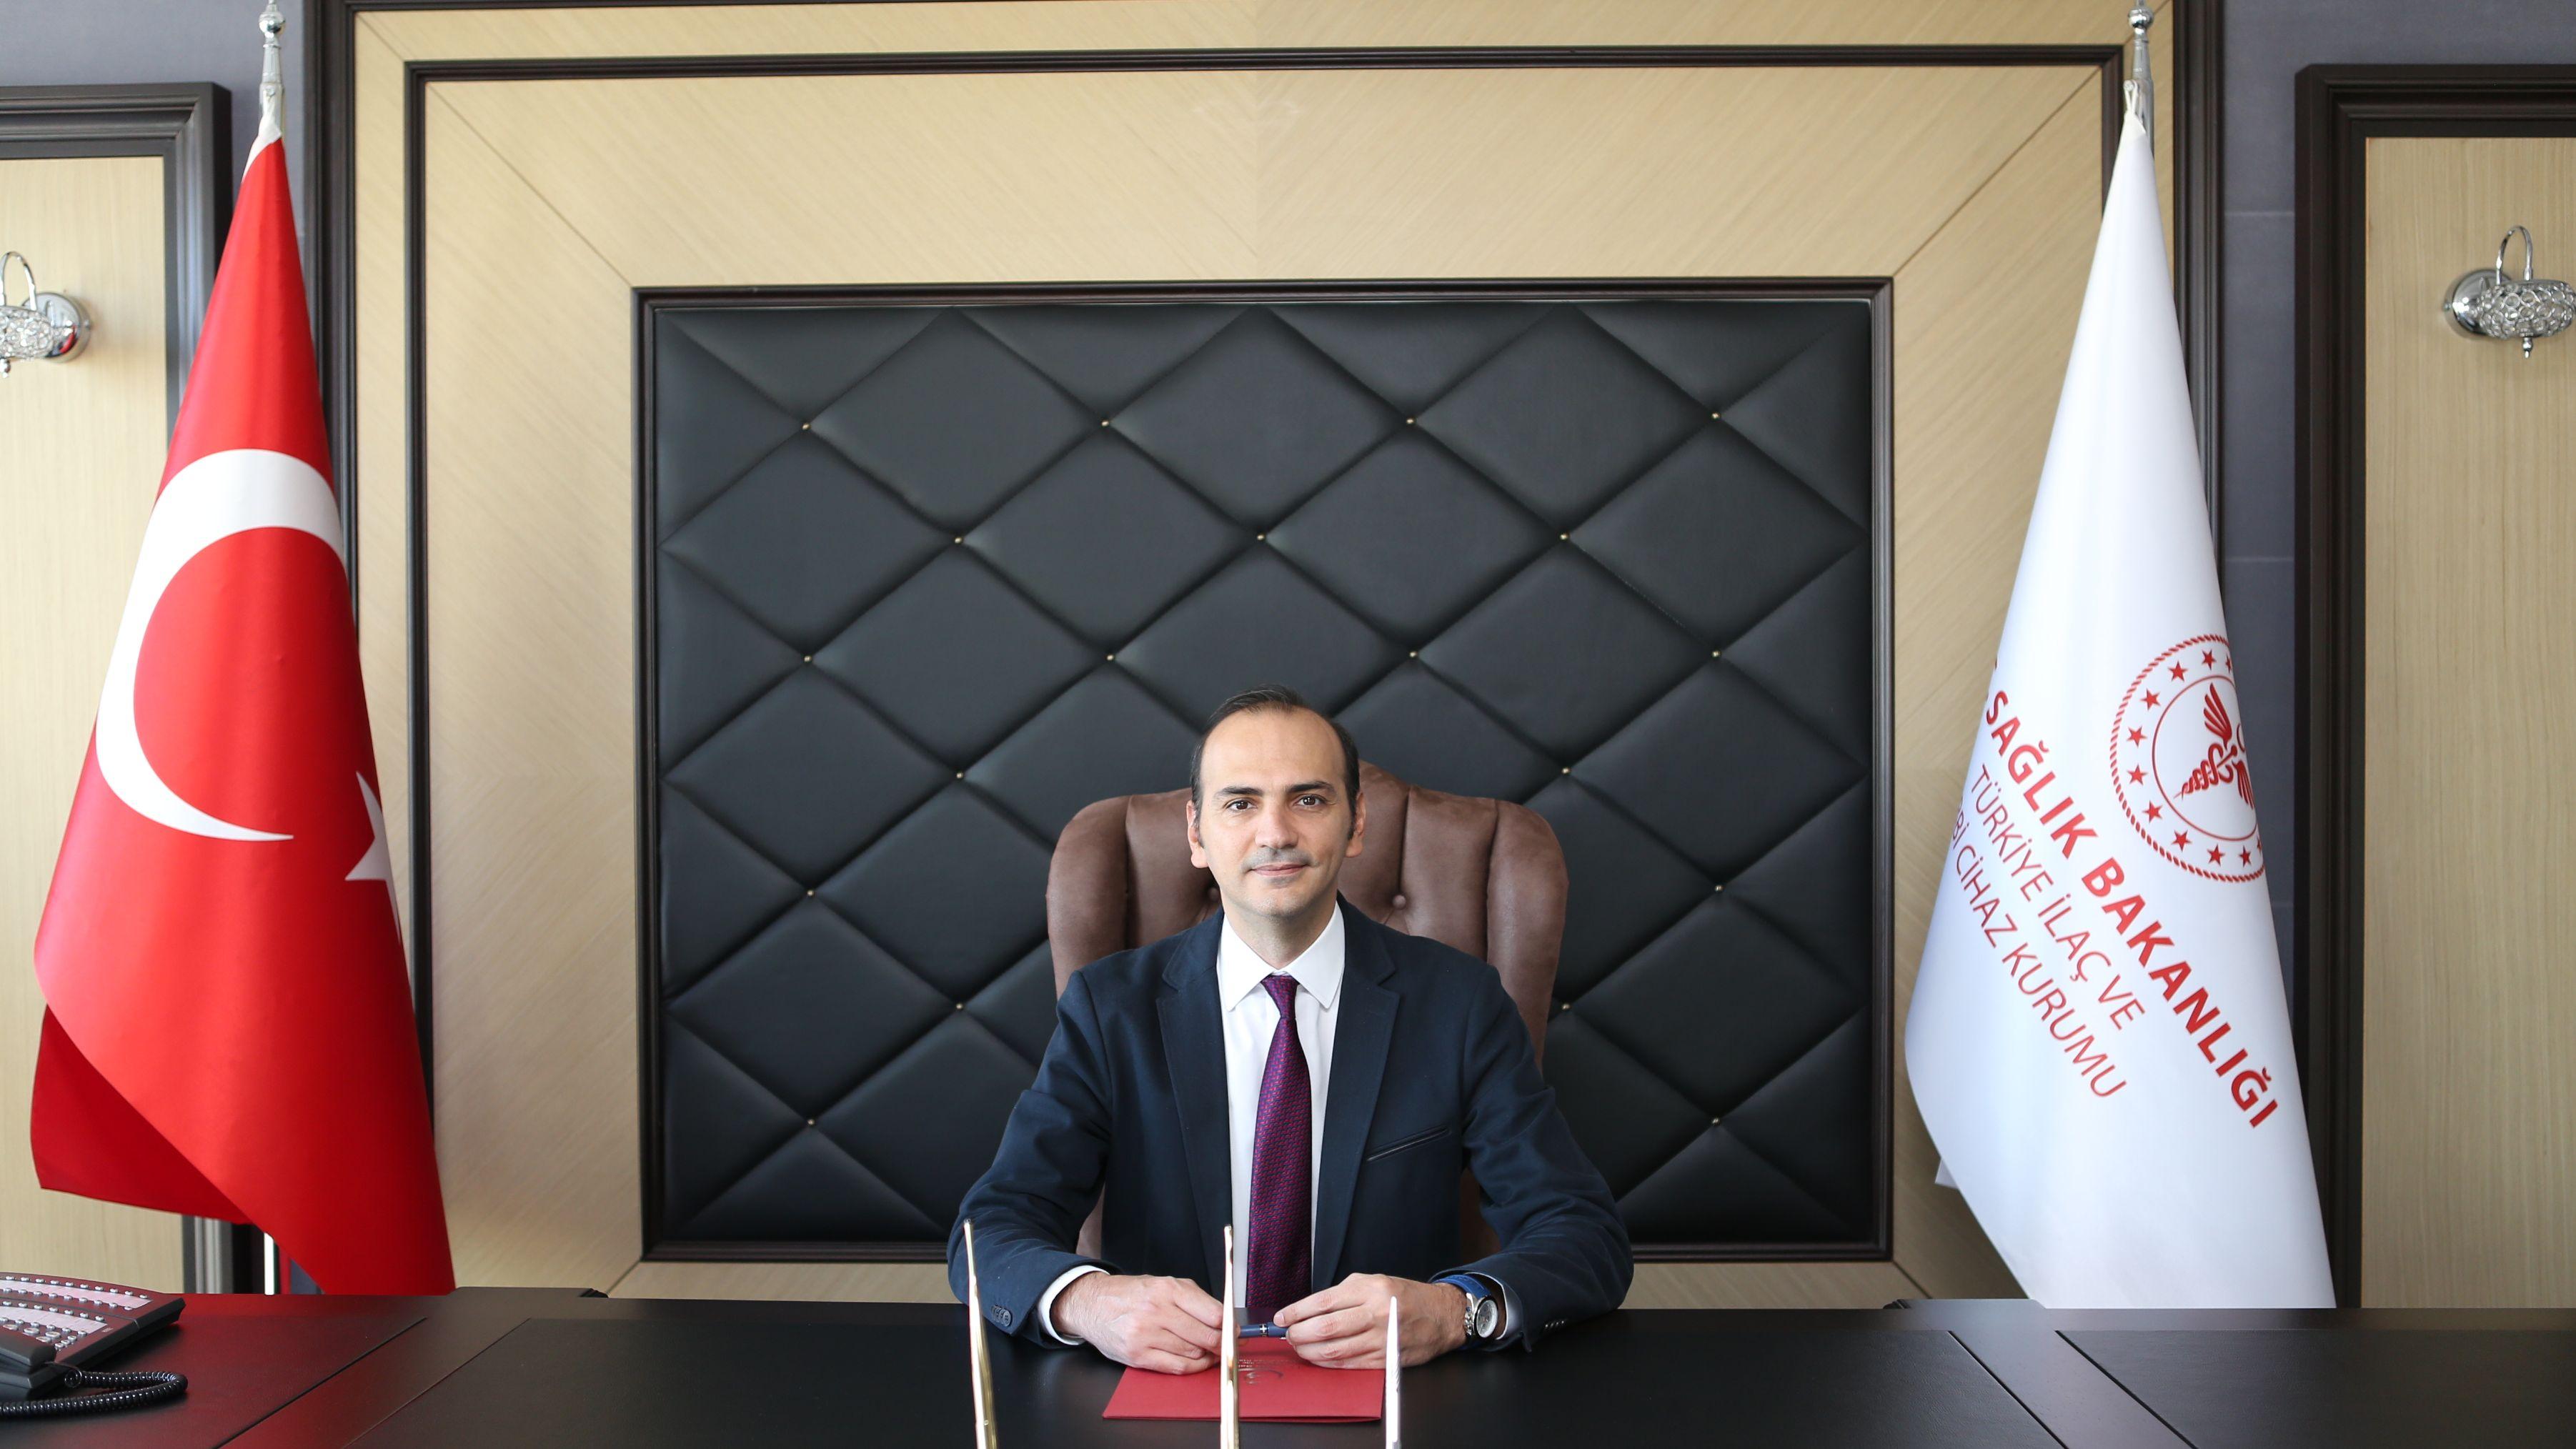 TİTCK BAŞKANI DOÇ. DR. TOLGA TOLUNAY'IN YIL SONU MESAJI